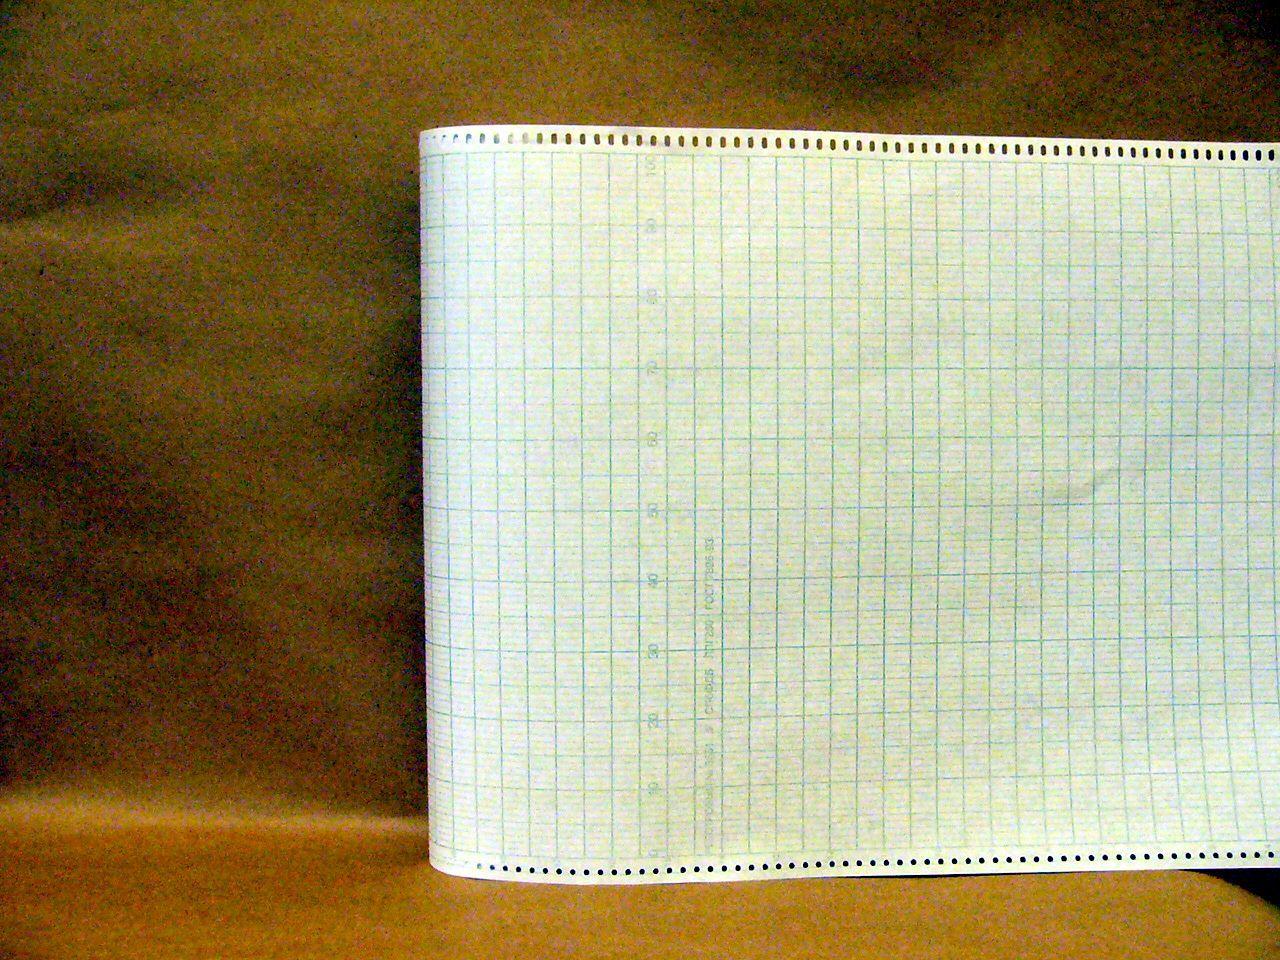 Диаграммная рулонная лента, реестровый № 3561 (53,528 руб/кв.м)